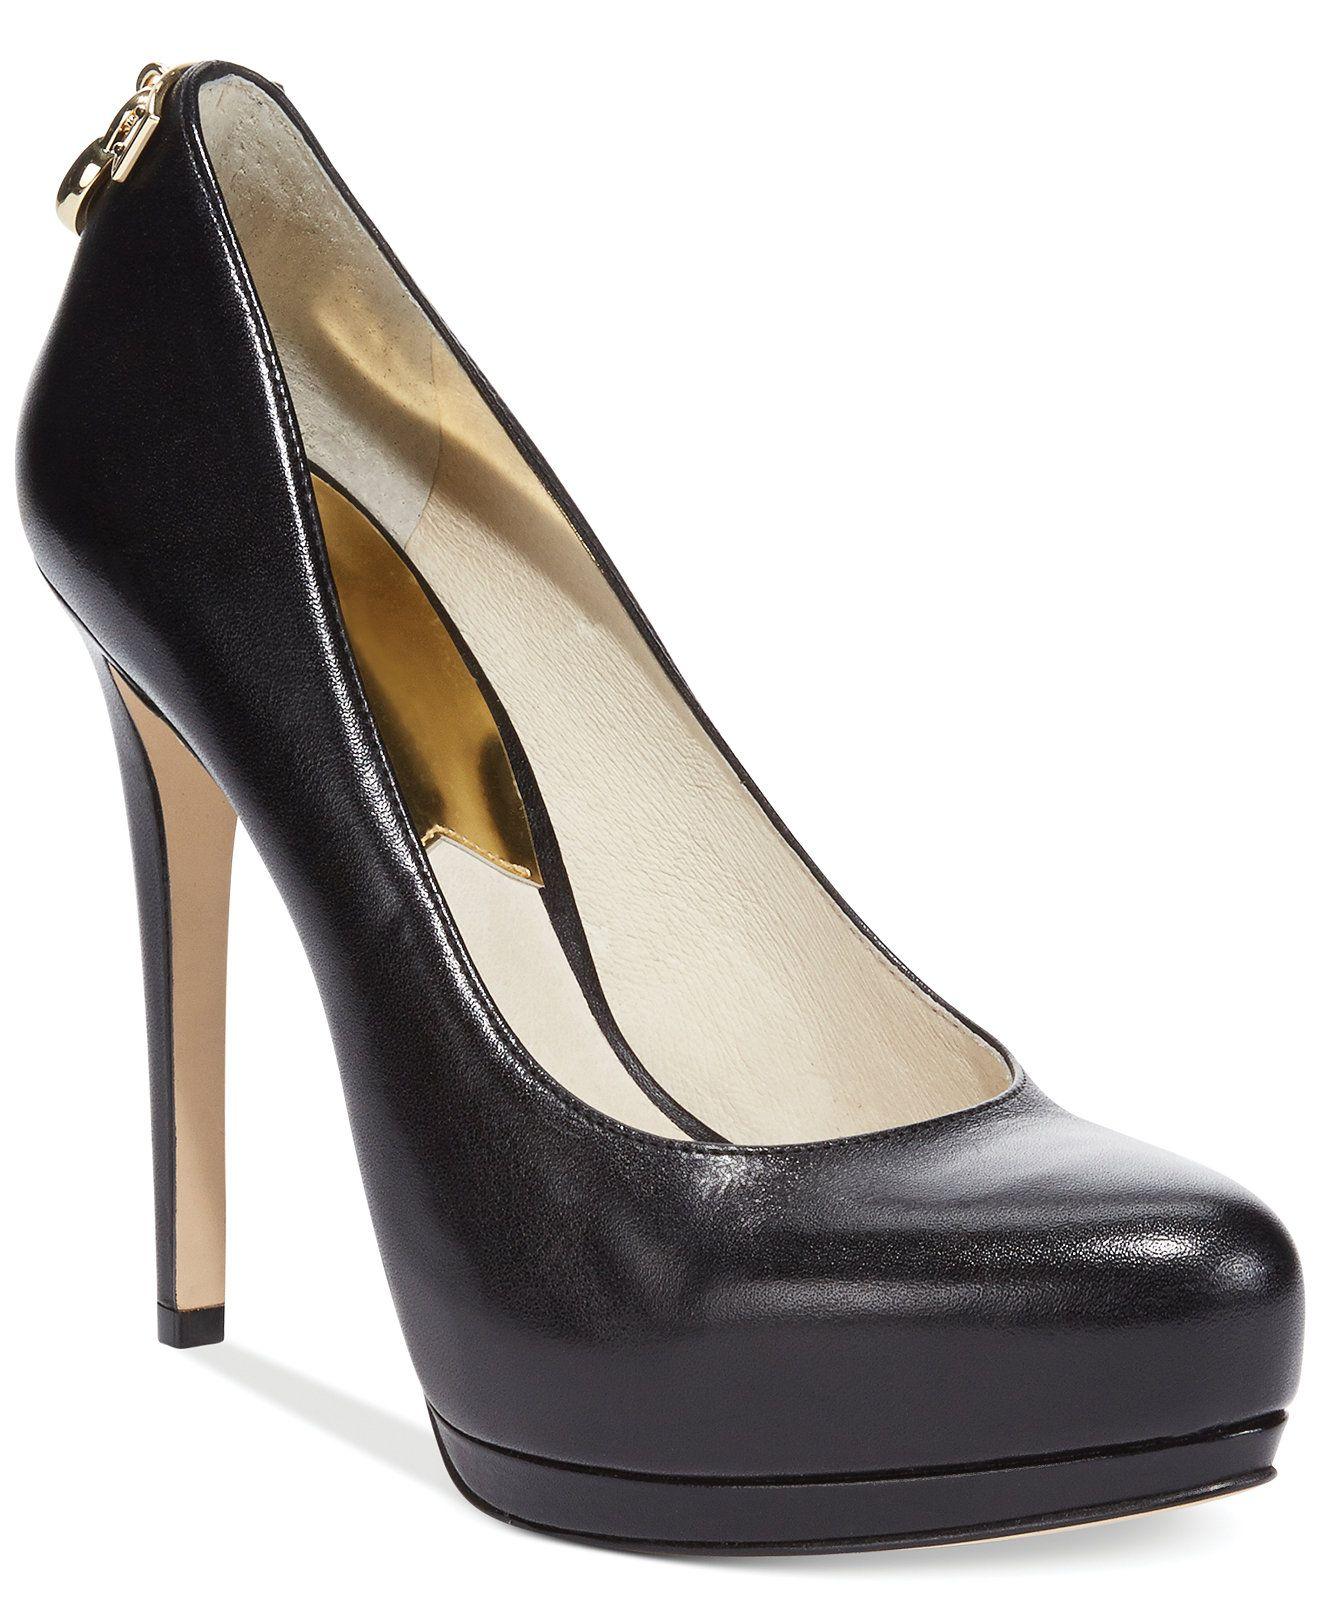 a52a46c3042 MICHAEL Michael Kors Hamilton Platform Pumps - Heels - Shoes - Macy s